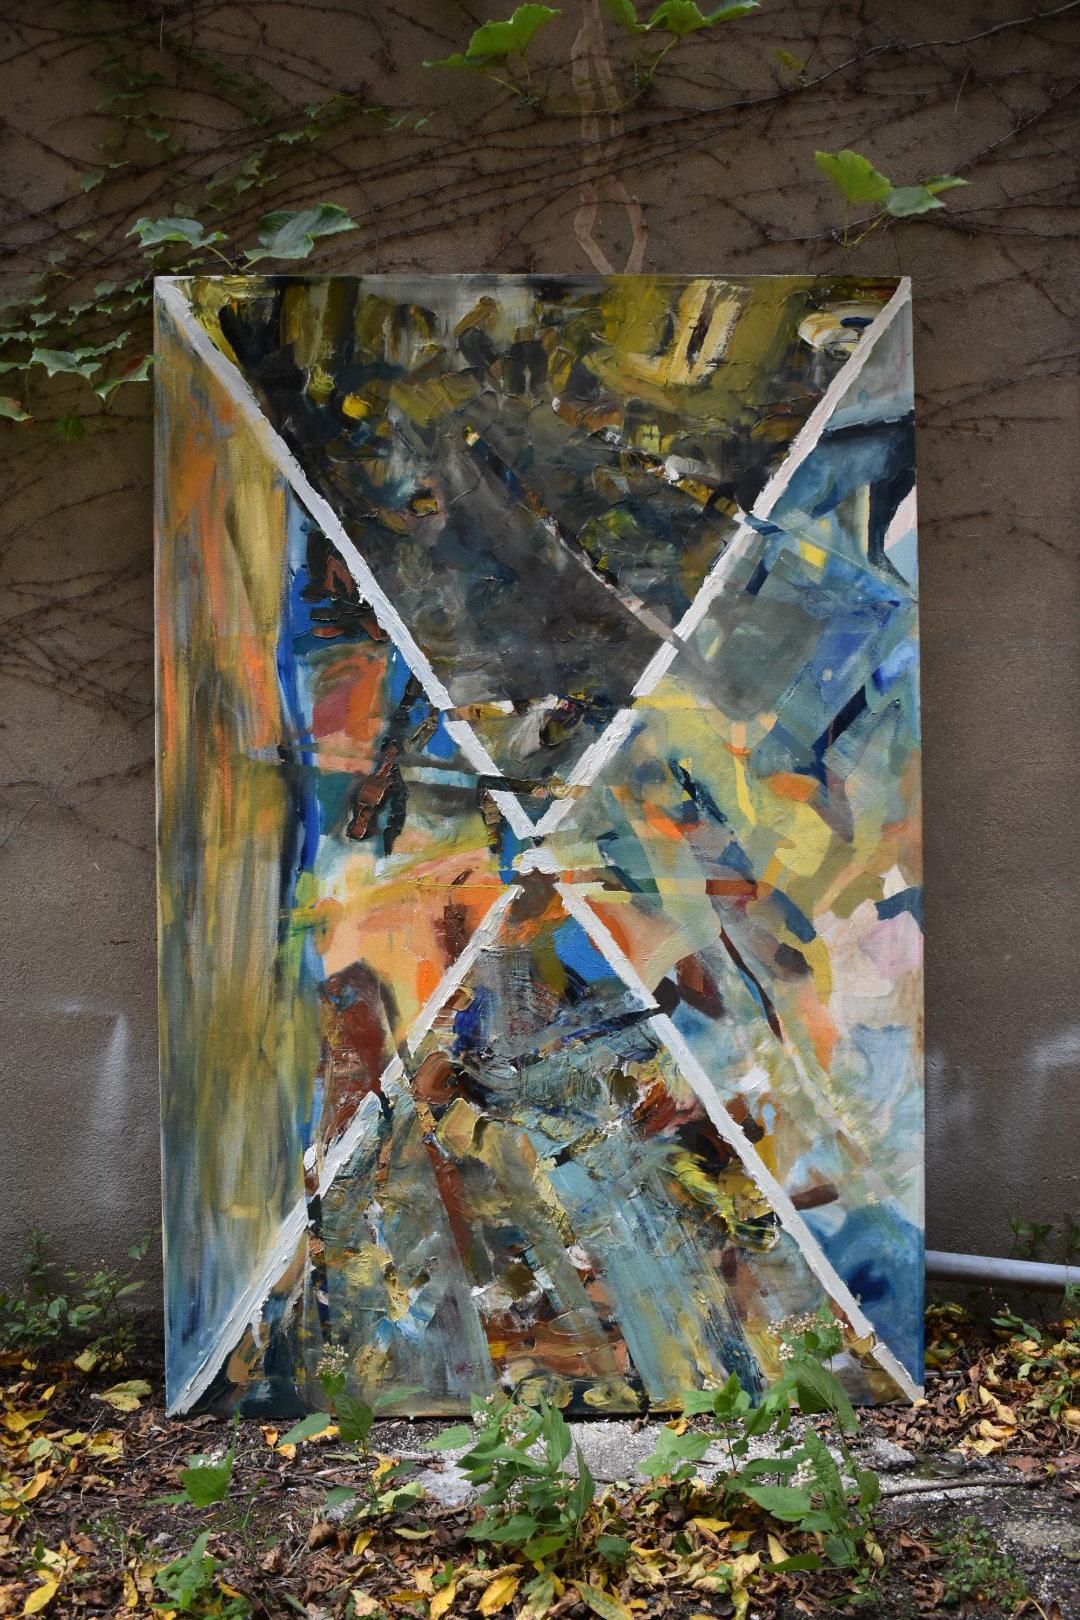 Stefanie Valverde - Oil on canvas. 4'x6'.Value: $24,000 | Minimum bid: $8,500